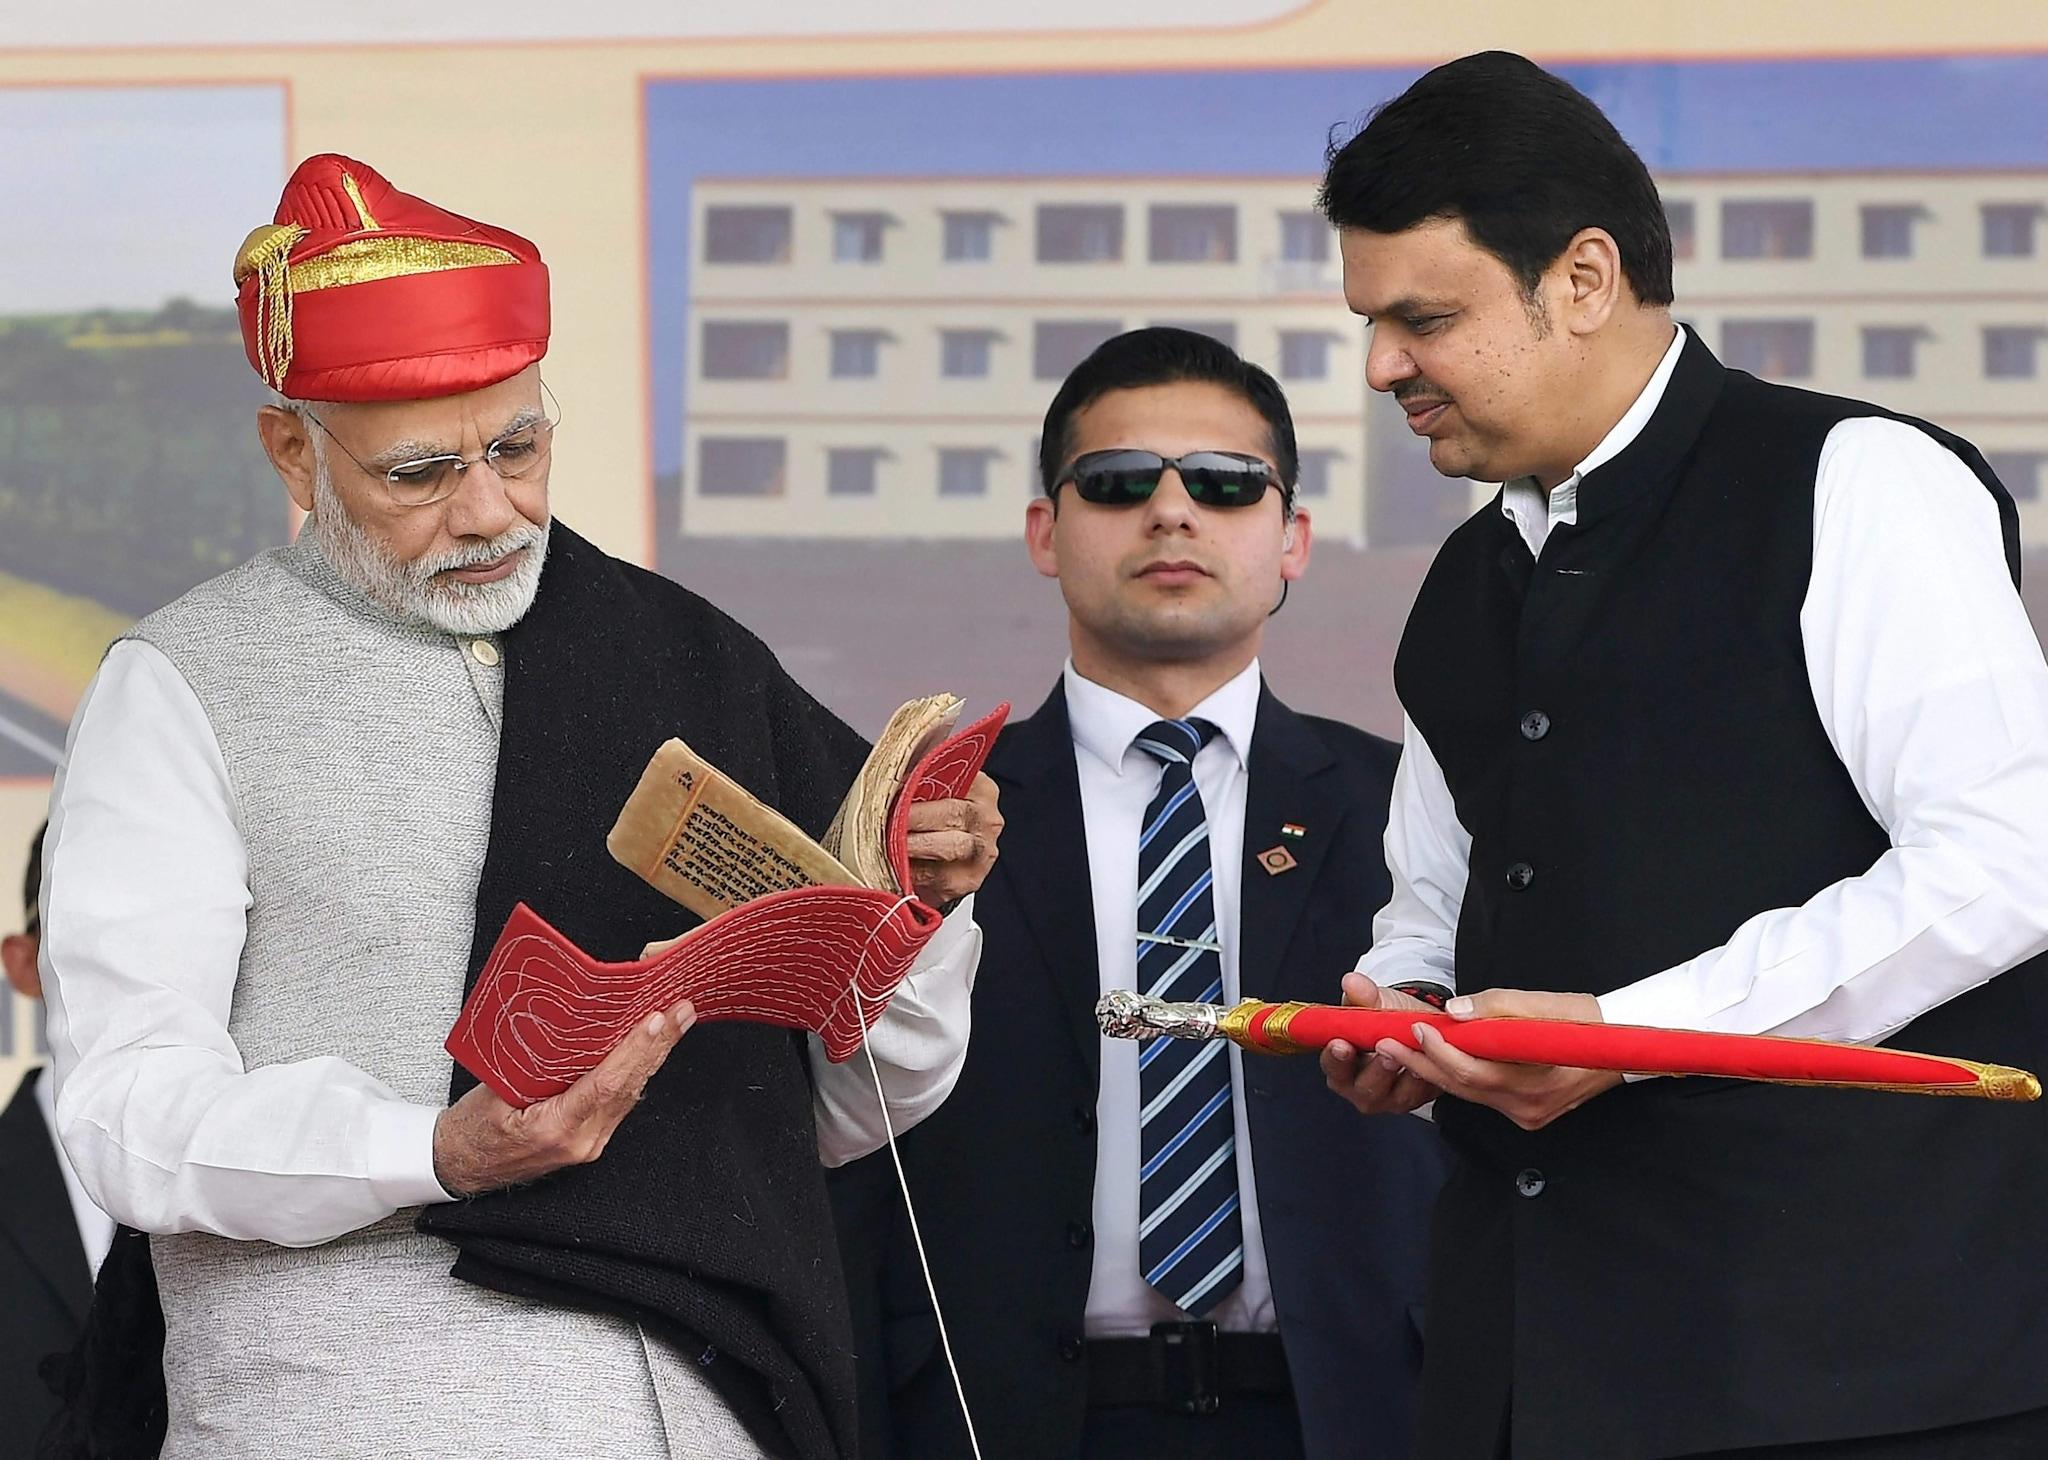 मोदींनी भाषणाच्या वेळी पुणेरी पगडी परिधान केली होती. मुख्यमंत्री देवेंद्र फडणवीस यांना मोदींना तलवार भेट दिली आणि घोंगडीही.